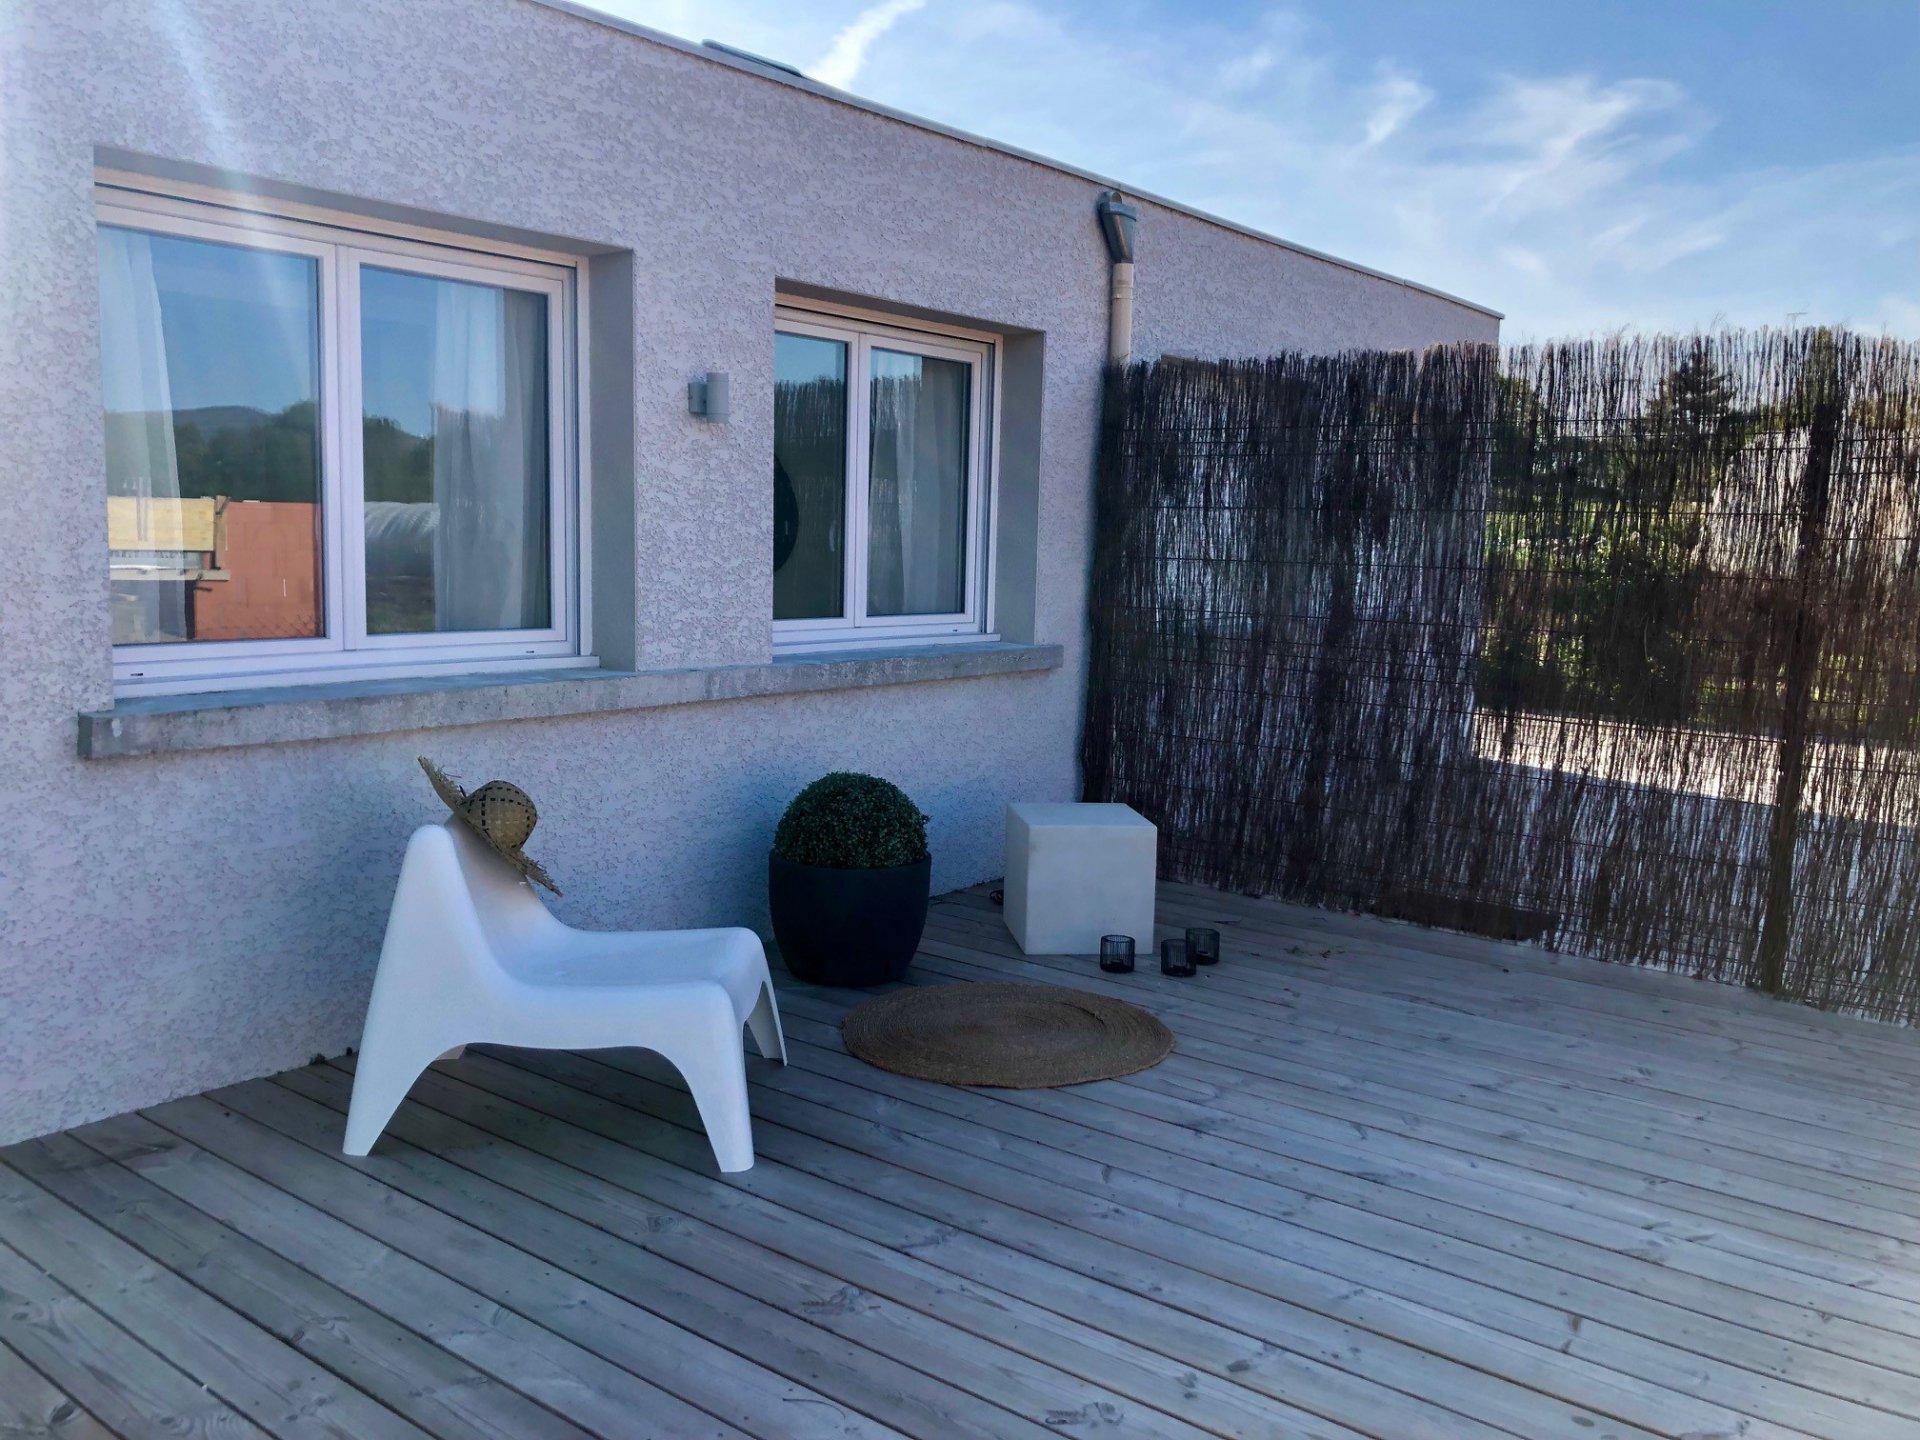 Loué par notre agence - Duplex Meublé Terrasse et Parking